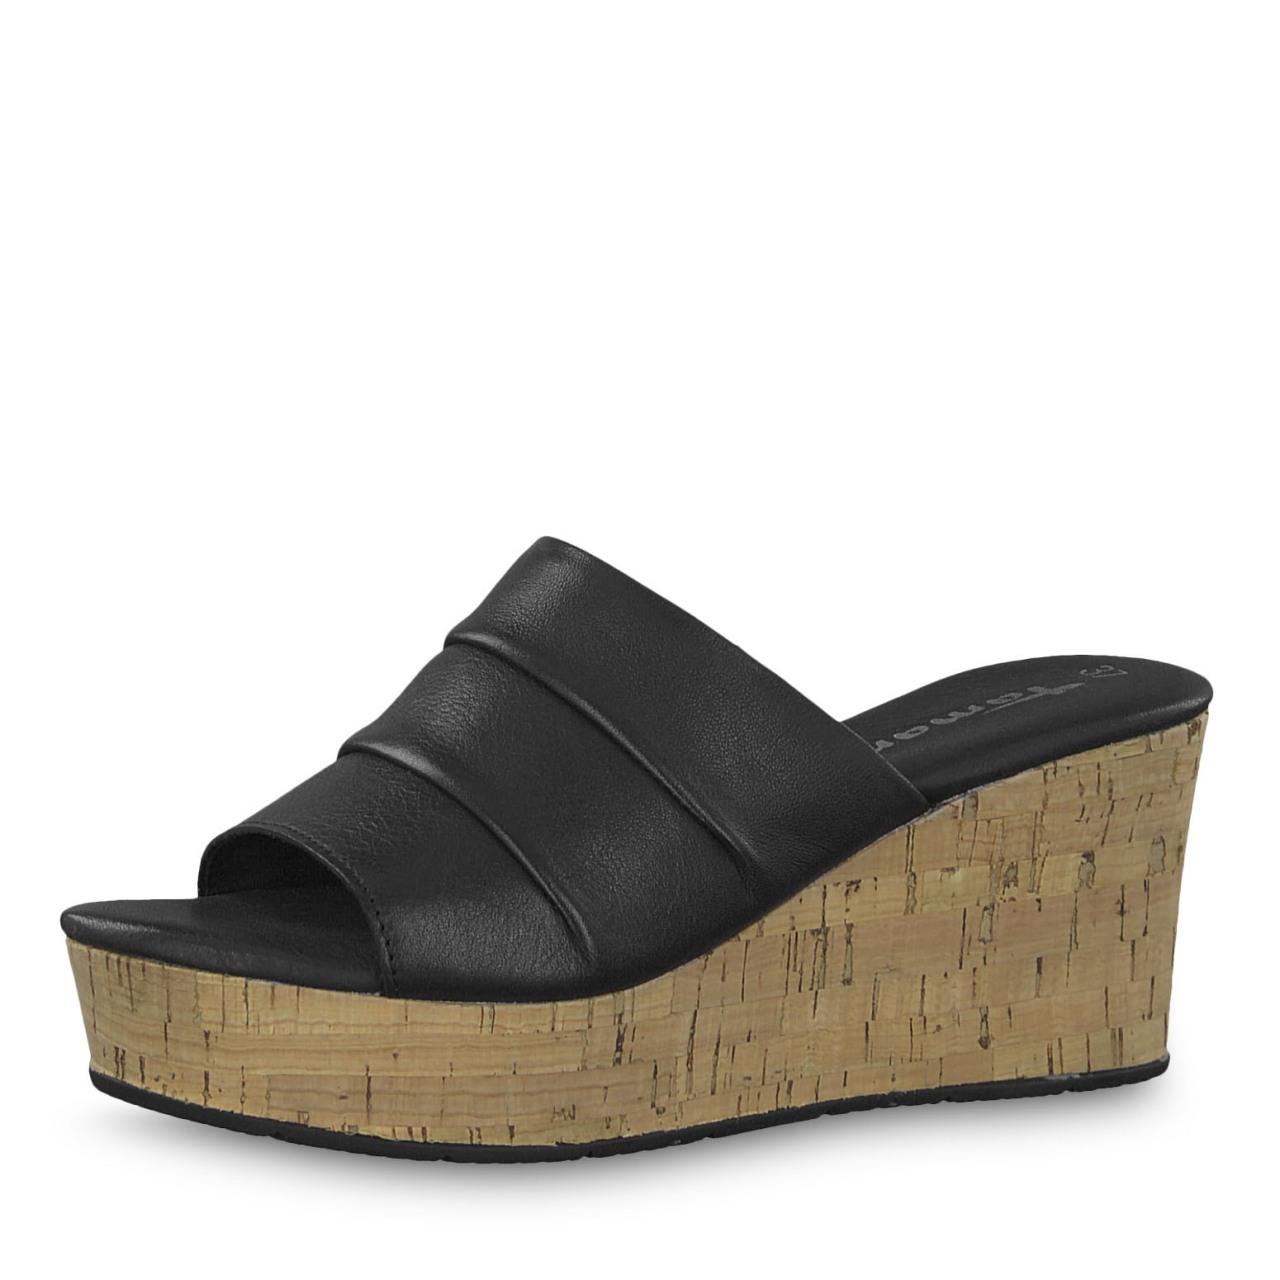 2296479a Sandal med kilehel fra Tamaris. Sort sandal, sko og sandaler fra Tamaris